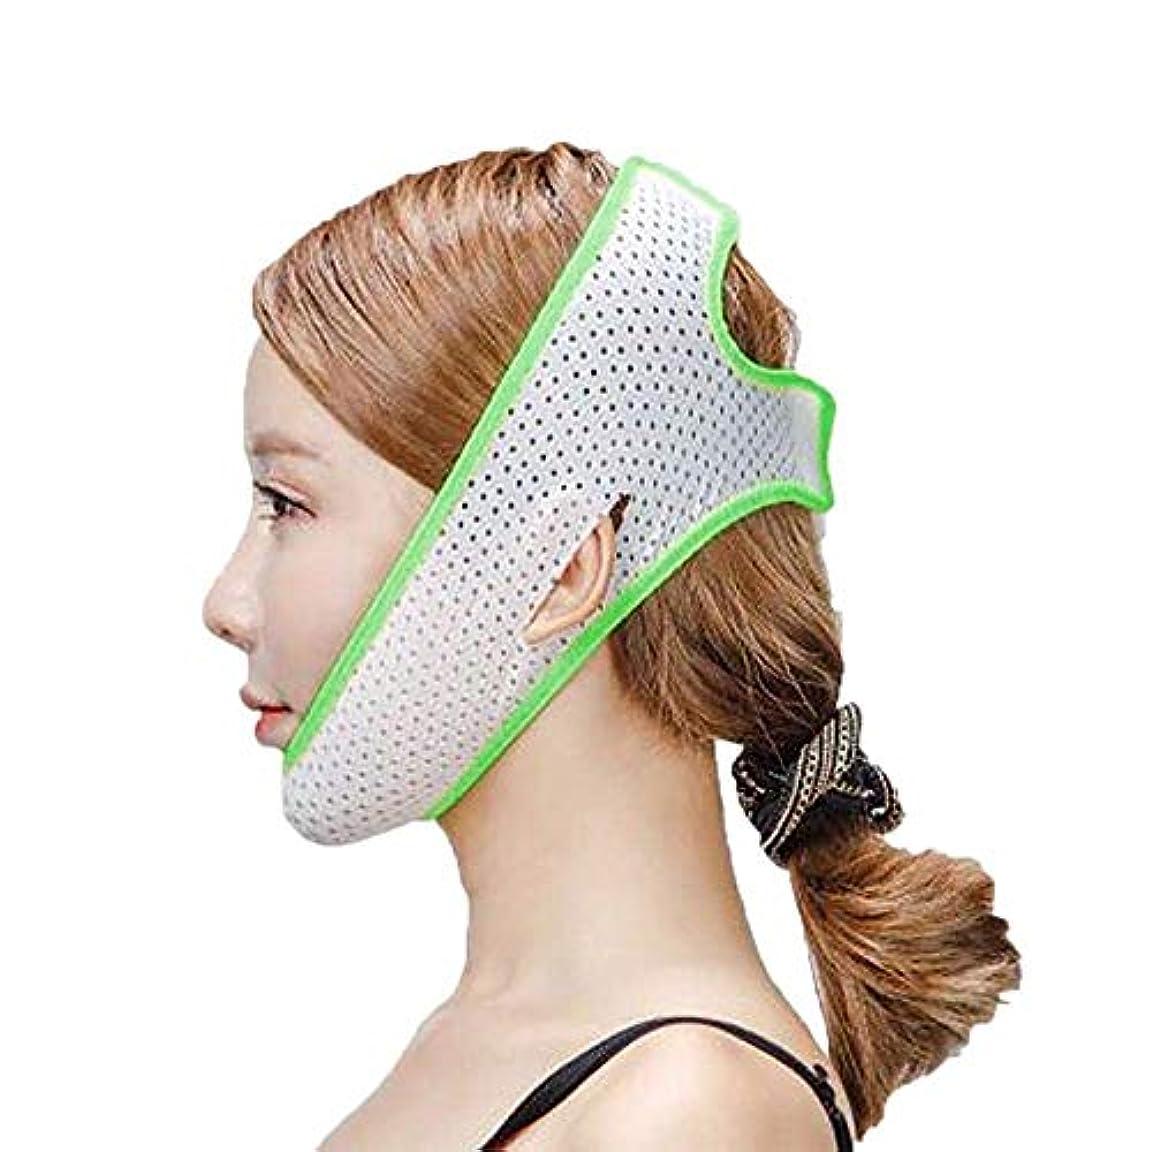 フェイスリフトマスク、ダブルチンストラップ、フェイシャル減量マスク、フェイシャルダブルチンケアスリミングマスク、リンクルマスク(フリーサイズ)(カラー:ブラック),緑